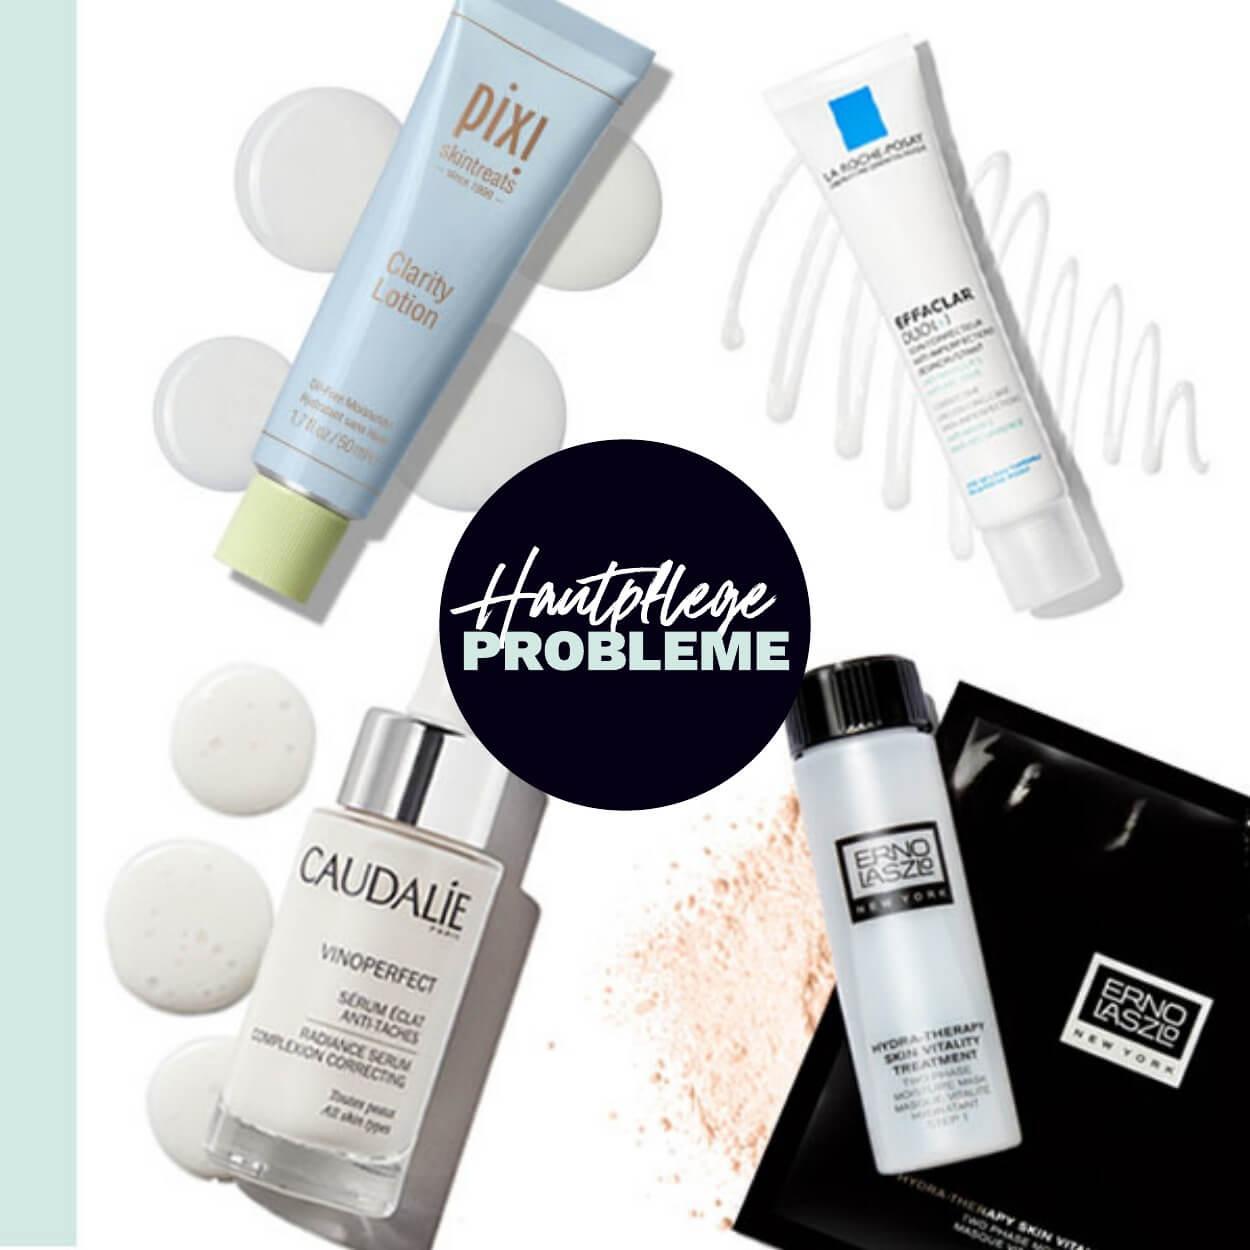 Shoppe nach Hautproblem, um die besten Hautpflegeprodukte für deine Haut zu erhalten!